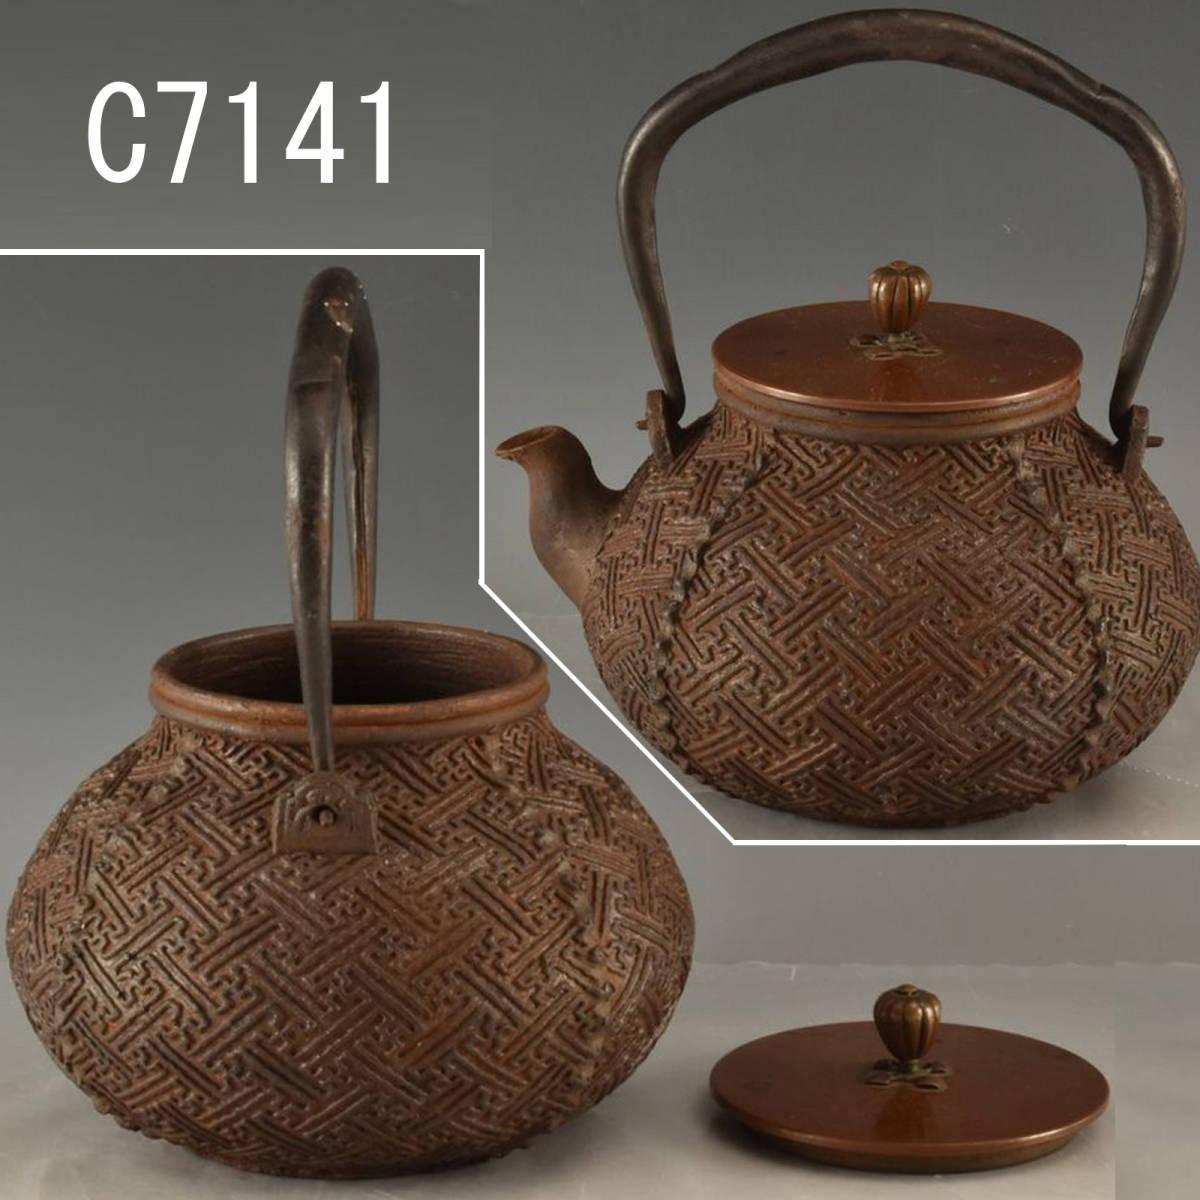 C07141 晴寿堂造 鉄瓶 蓋292g 本体1250g:真作